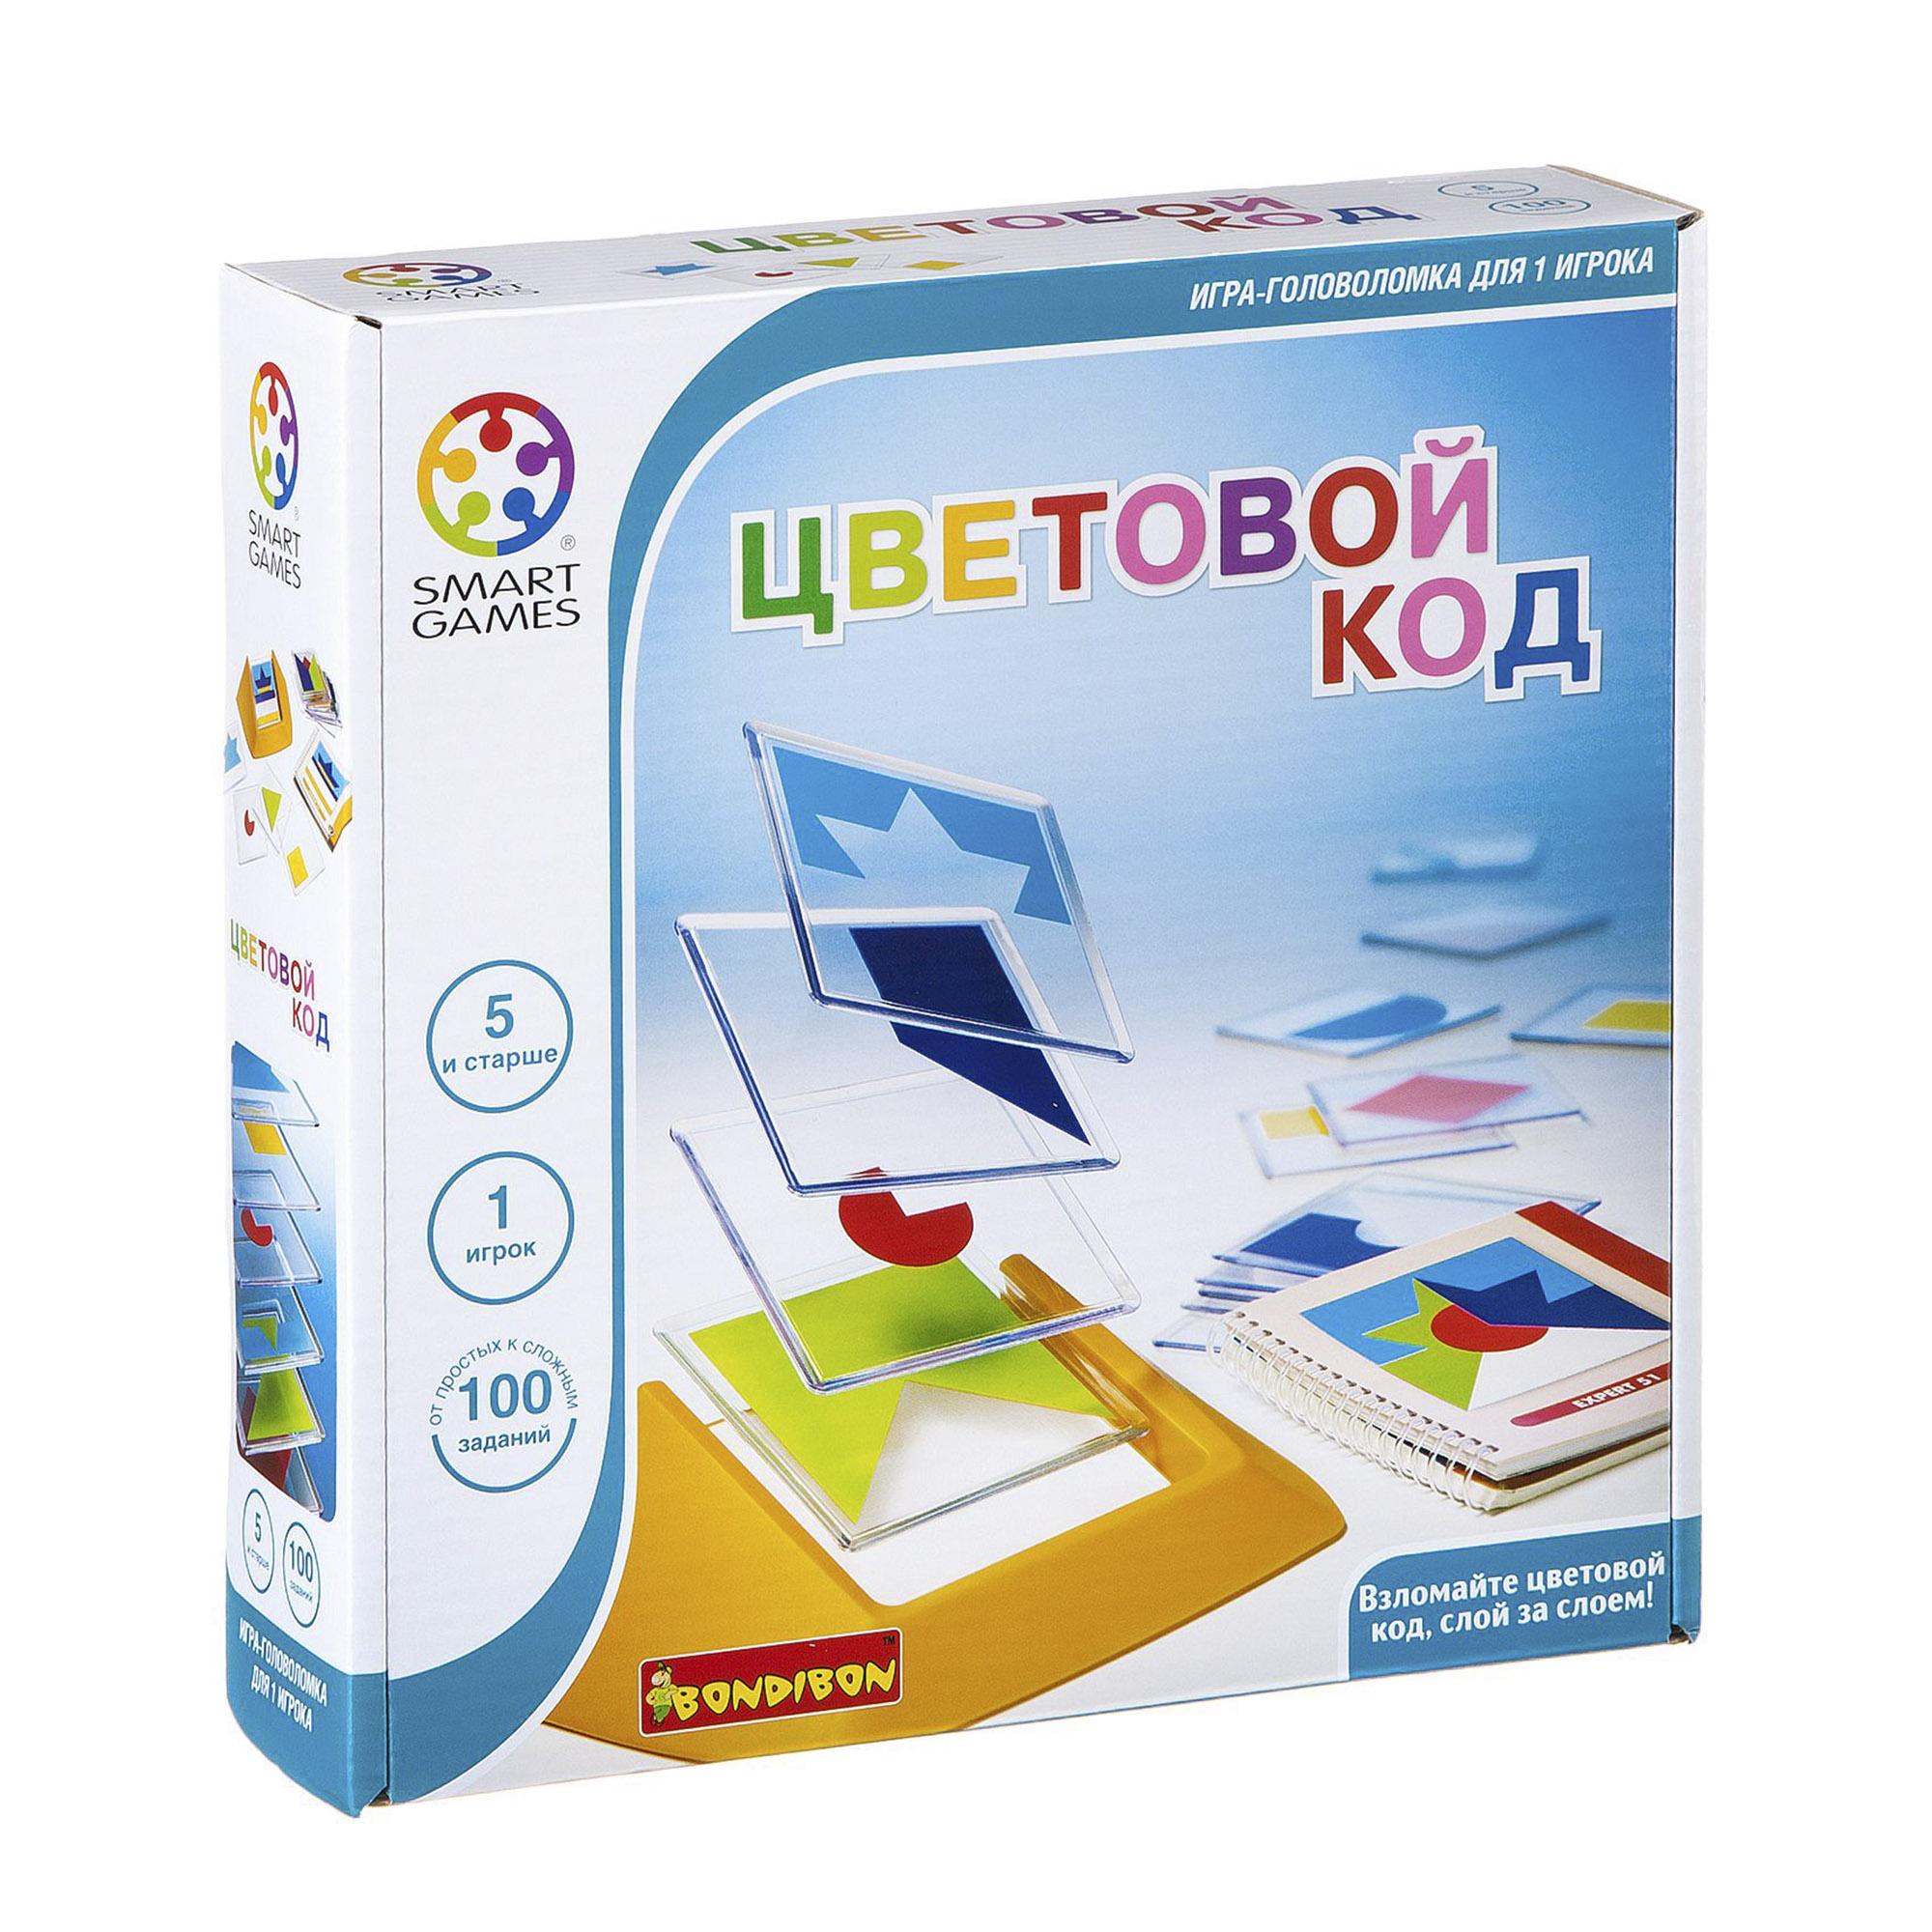 Логическая игра Bondibon Smartgames Цветовой код логическая игра bondibon smartgames iq стрелки